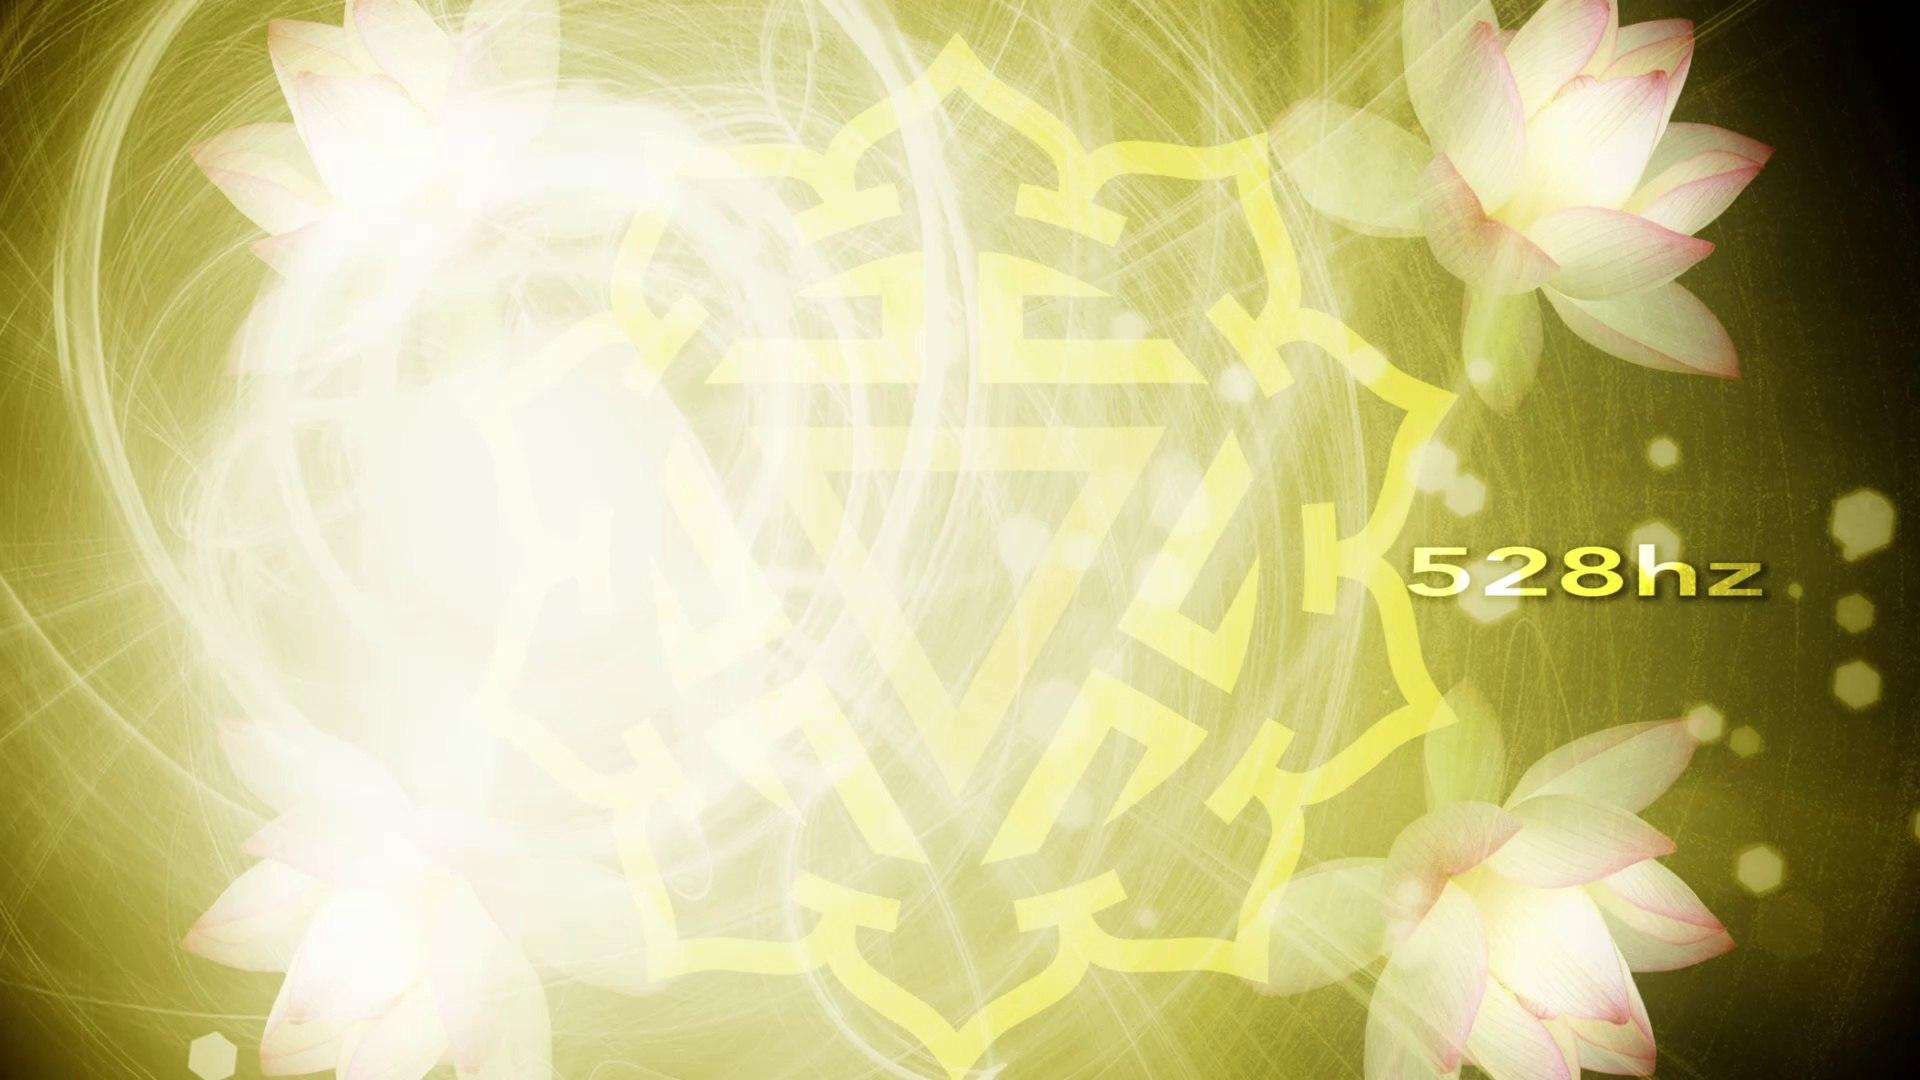 7 Minute Chakra Tune - Solfeggio Frequencies - 528Hz A=444Hz